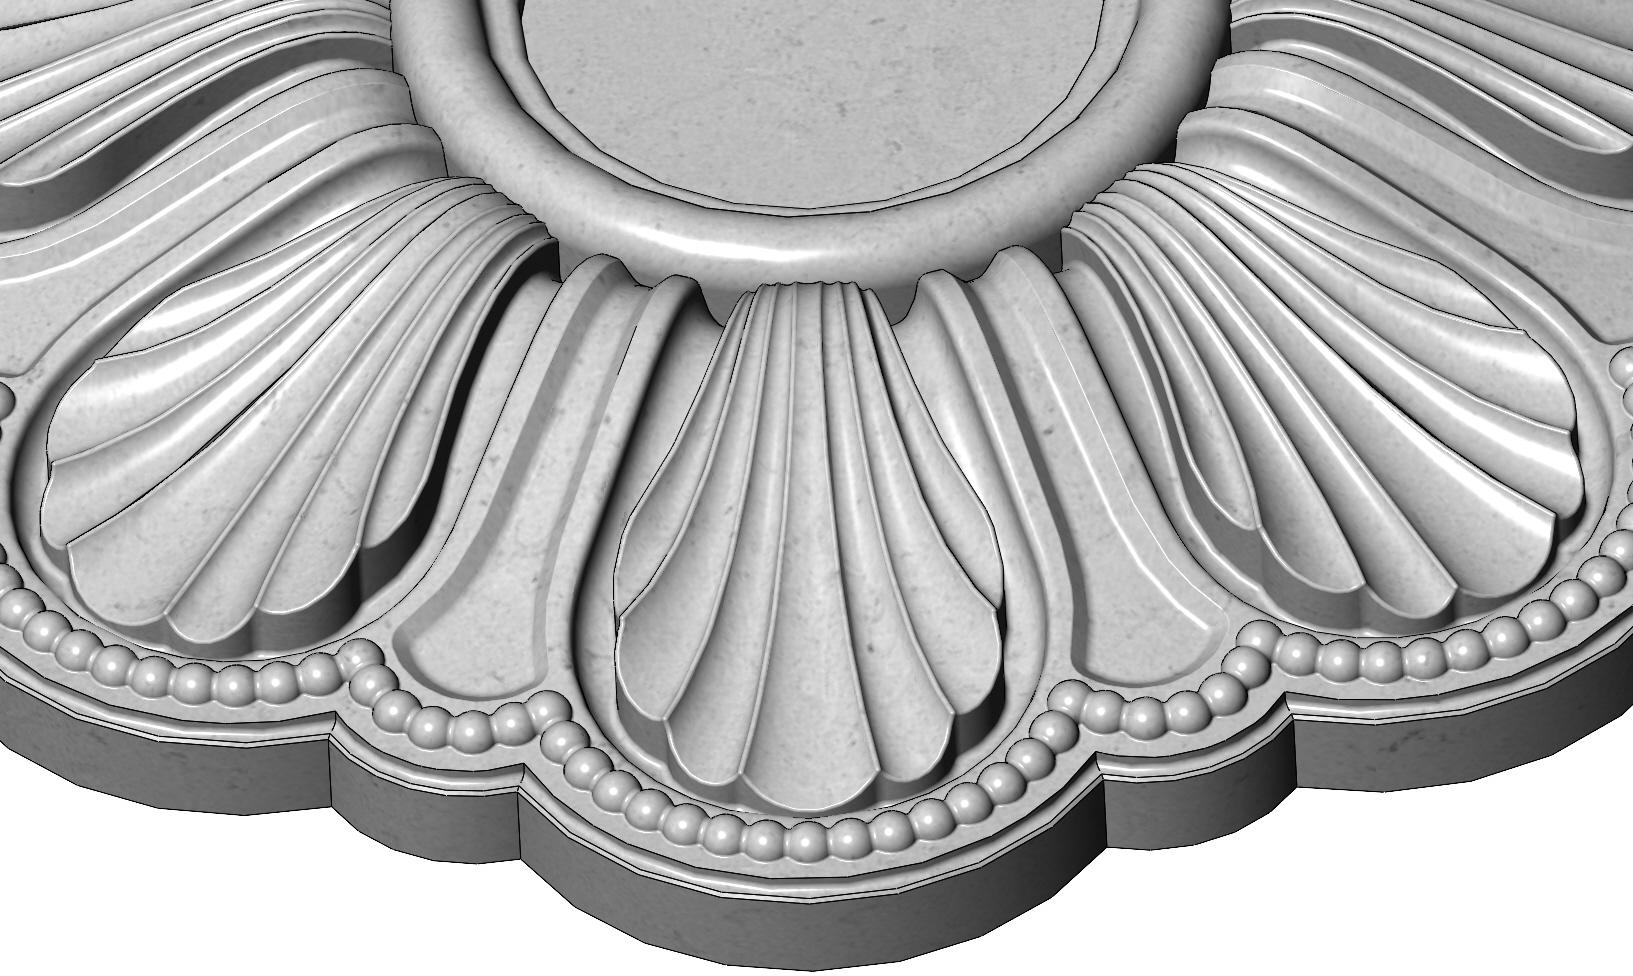 rosette5-1-08.JPG Download 3MF file Rosette plaster molding N01 3D print model • 3D printable model, RachidSW